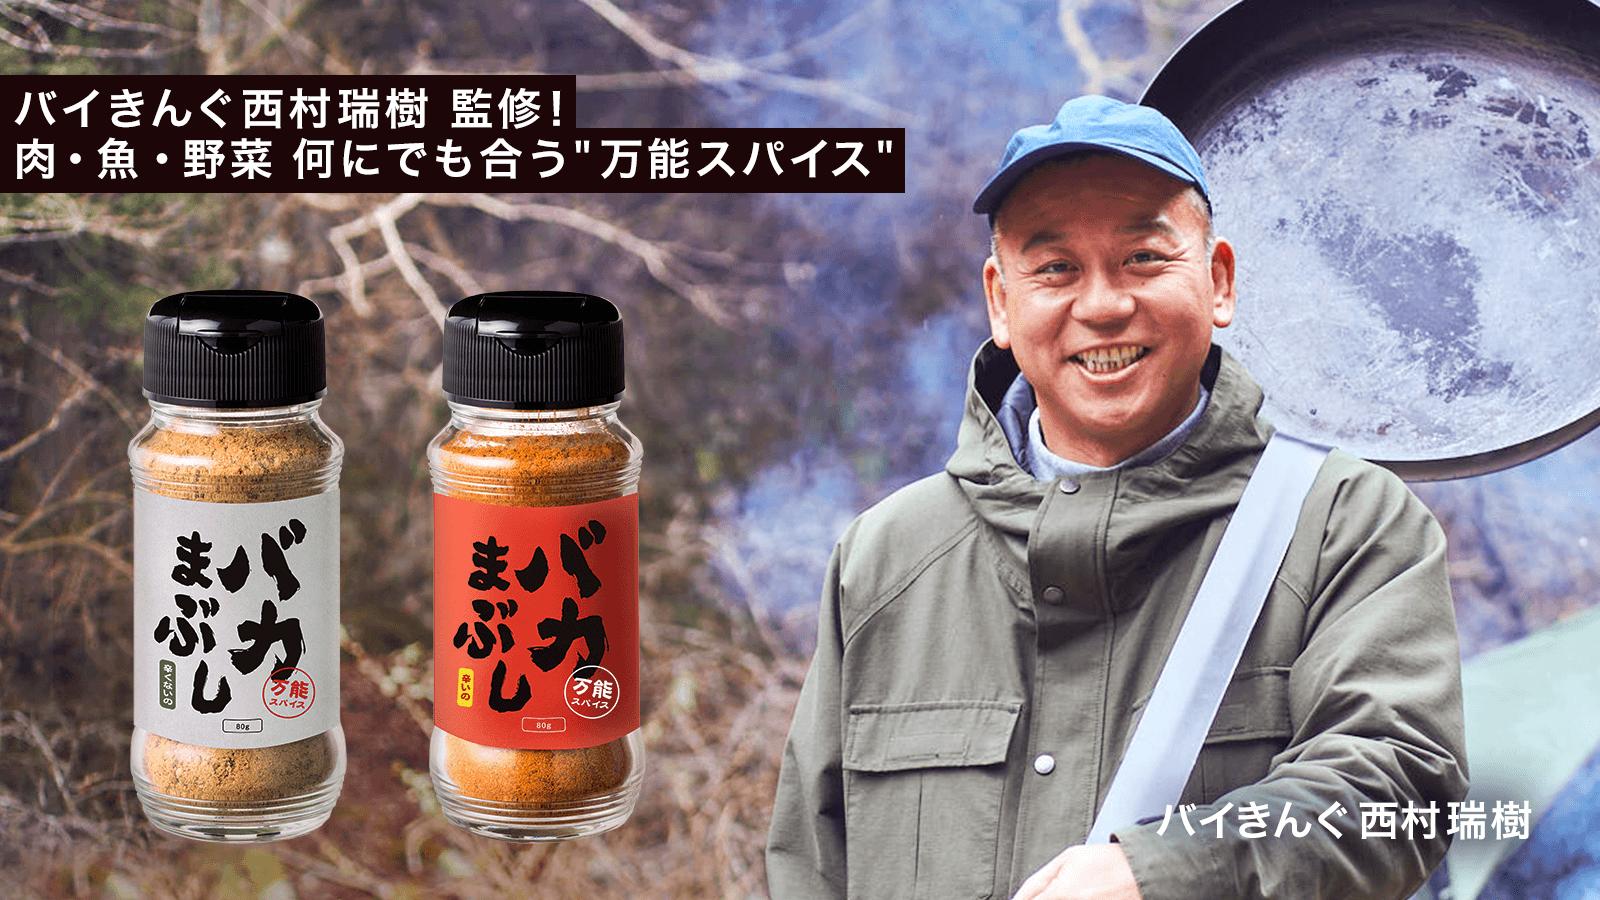 バイきんぐ西村瑞樹 監修 「バカまぶし」